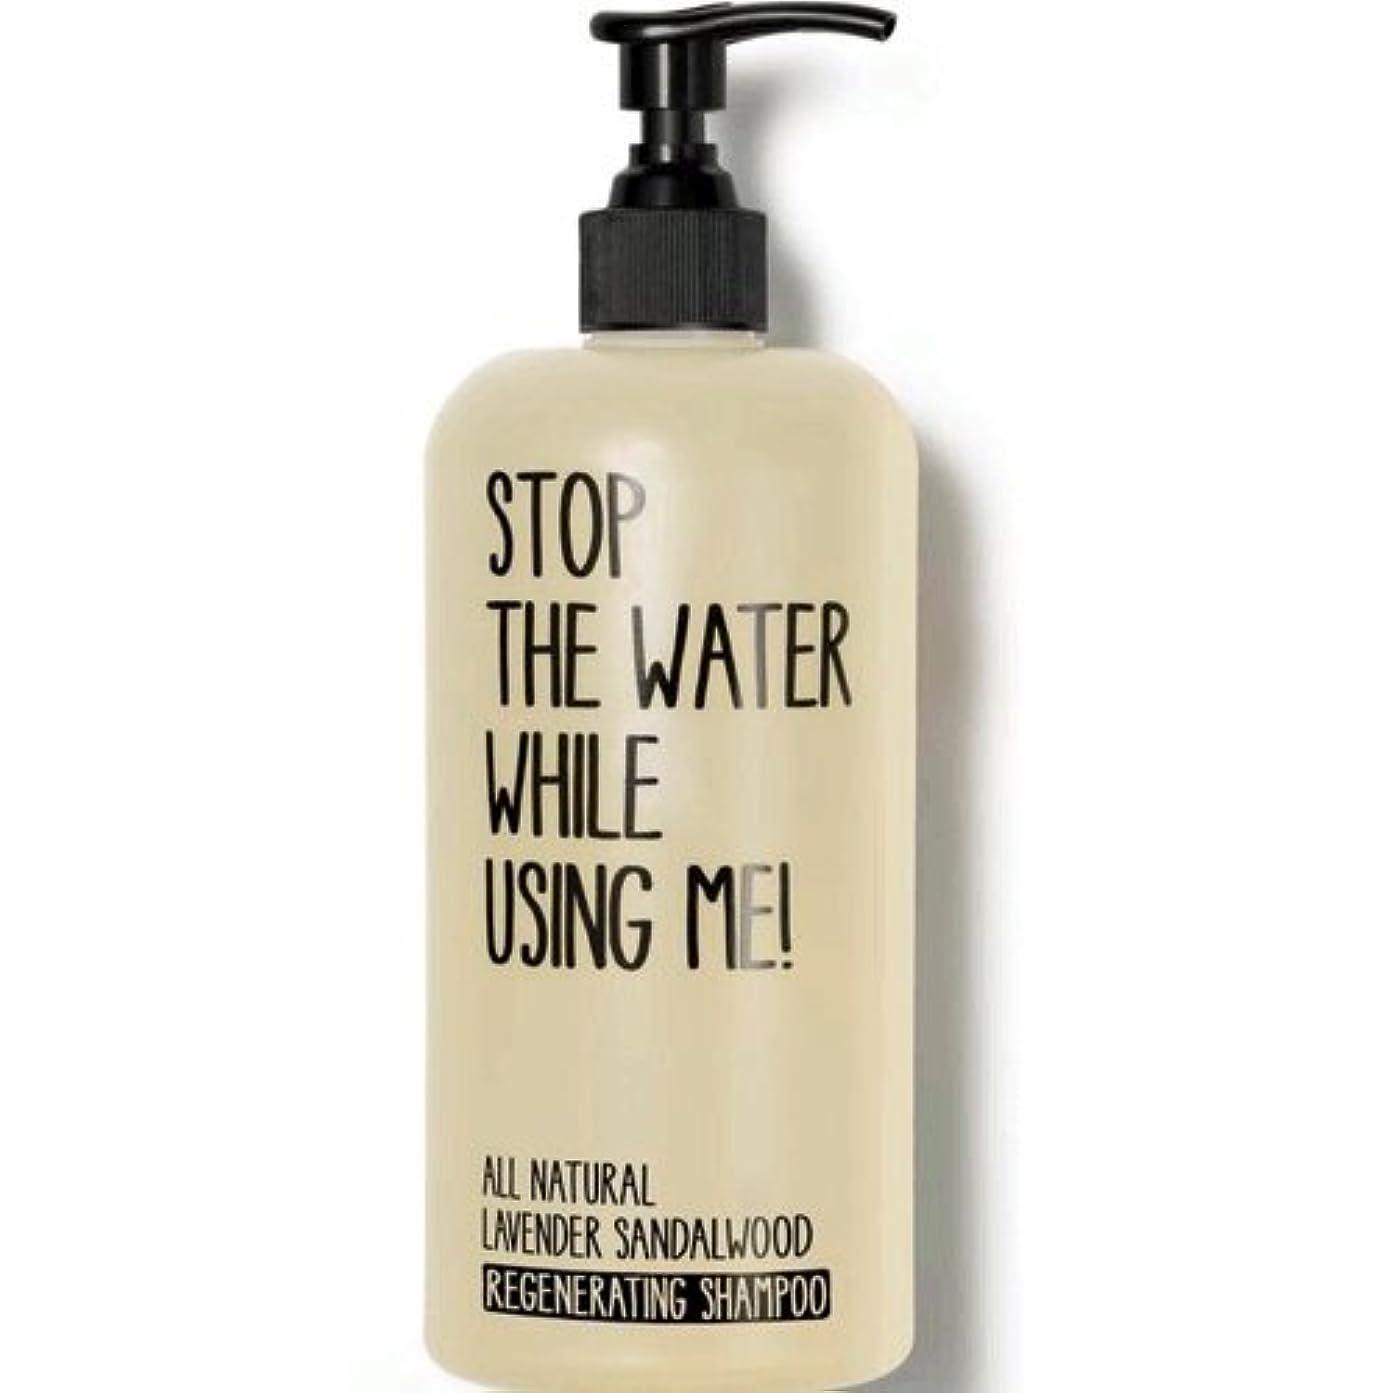 ボリューム実質的持ってる【STOP THE WATER WHILE USING ME!】L&Sシャンプー(ラベンダー&サンダルウッド) 500ml [並行輸入品]